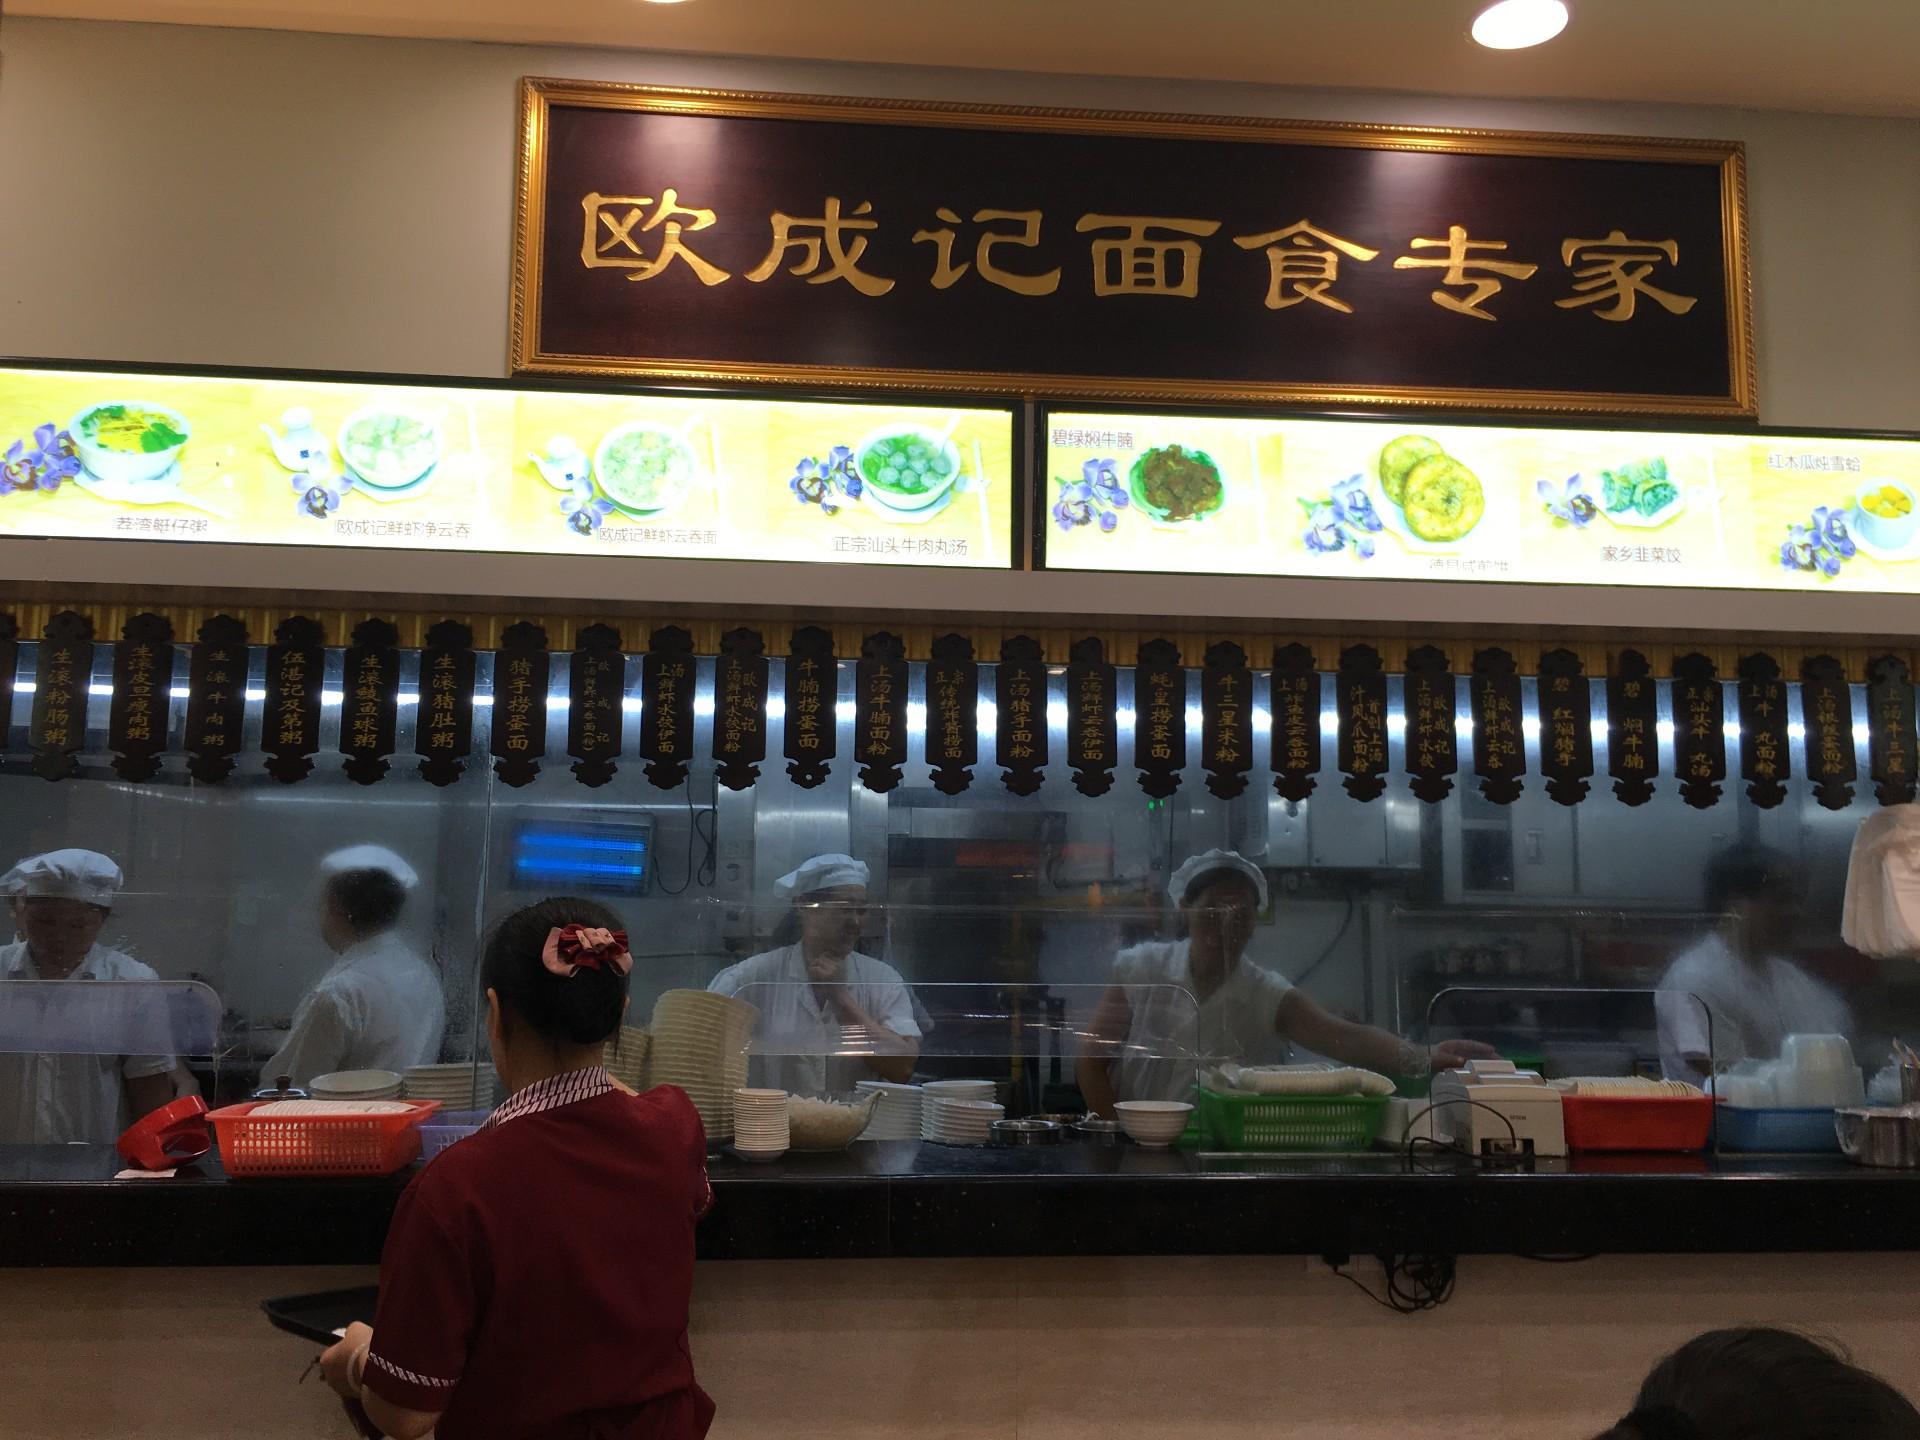 【我是达人】食在广州,用尽洪荒之力吃、吃、